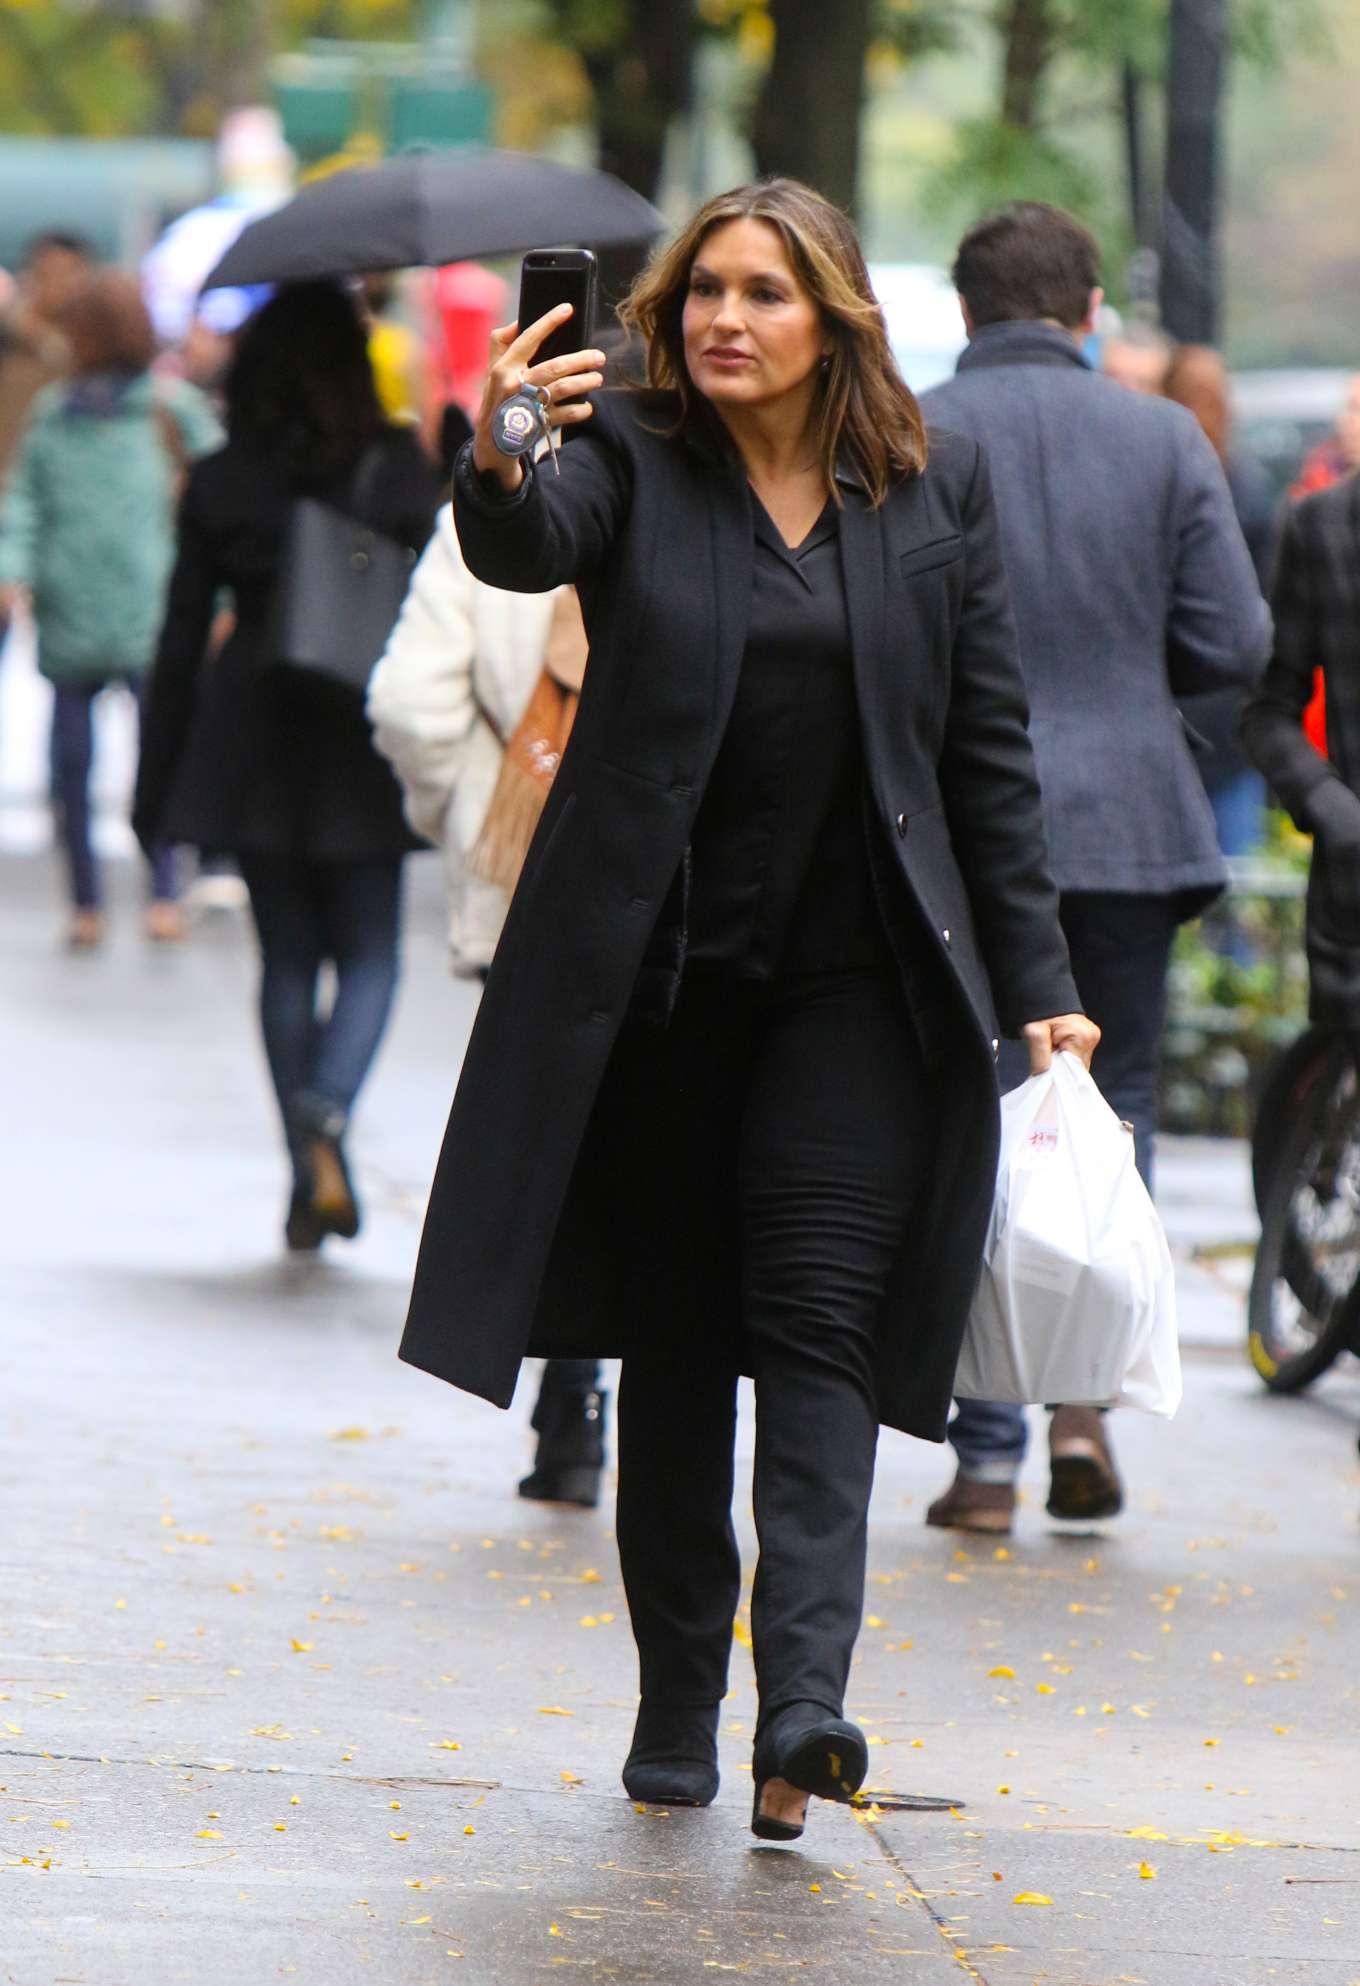 Mariska Hargitay at the 'Law and Order: SVU' set in NYC